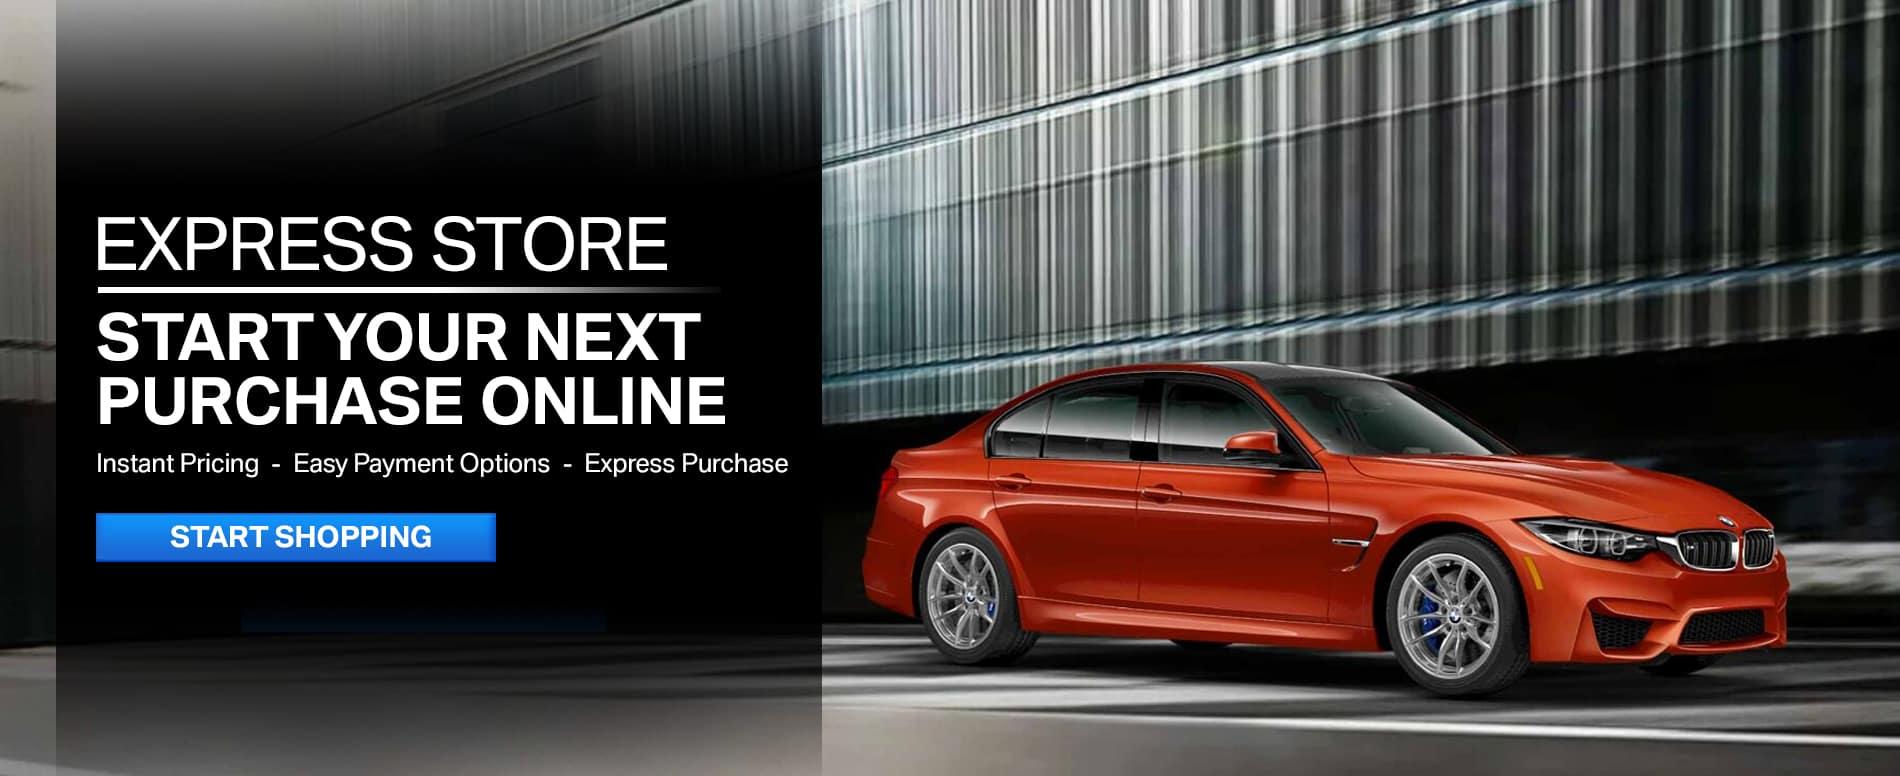 Habberstad BMW Express Store